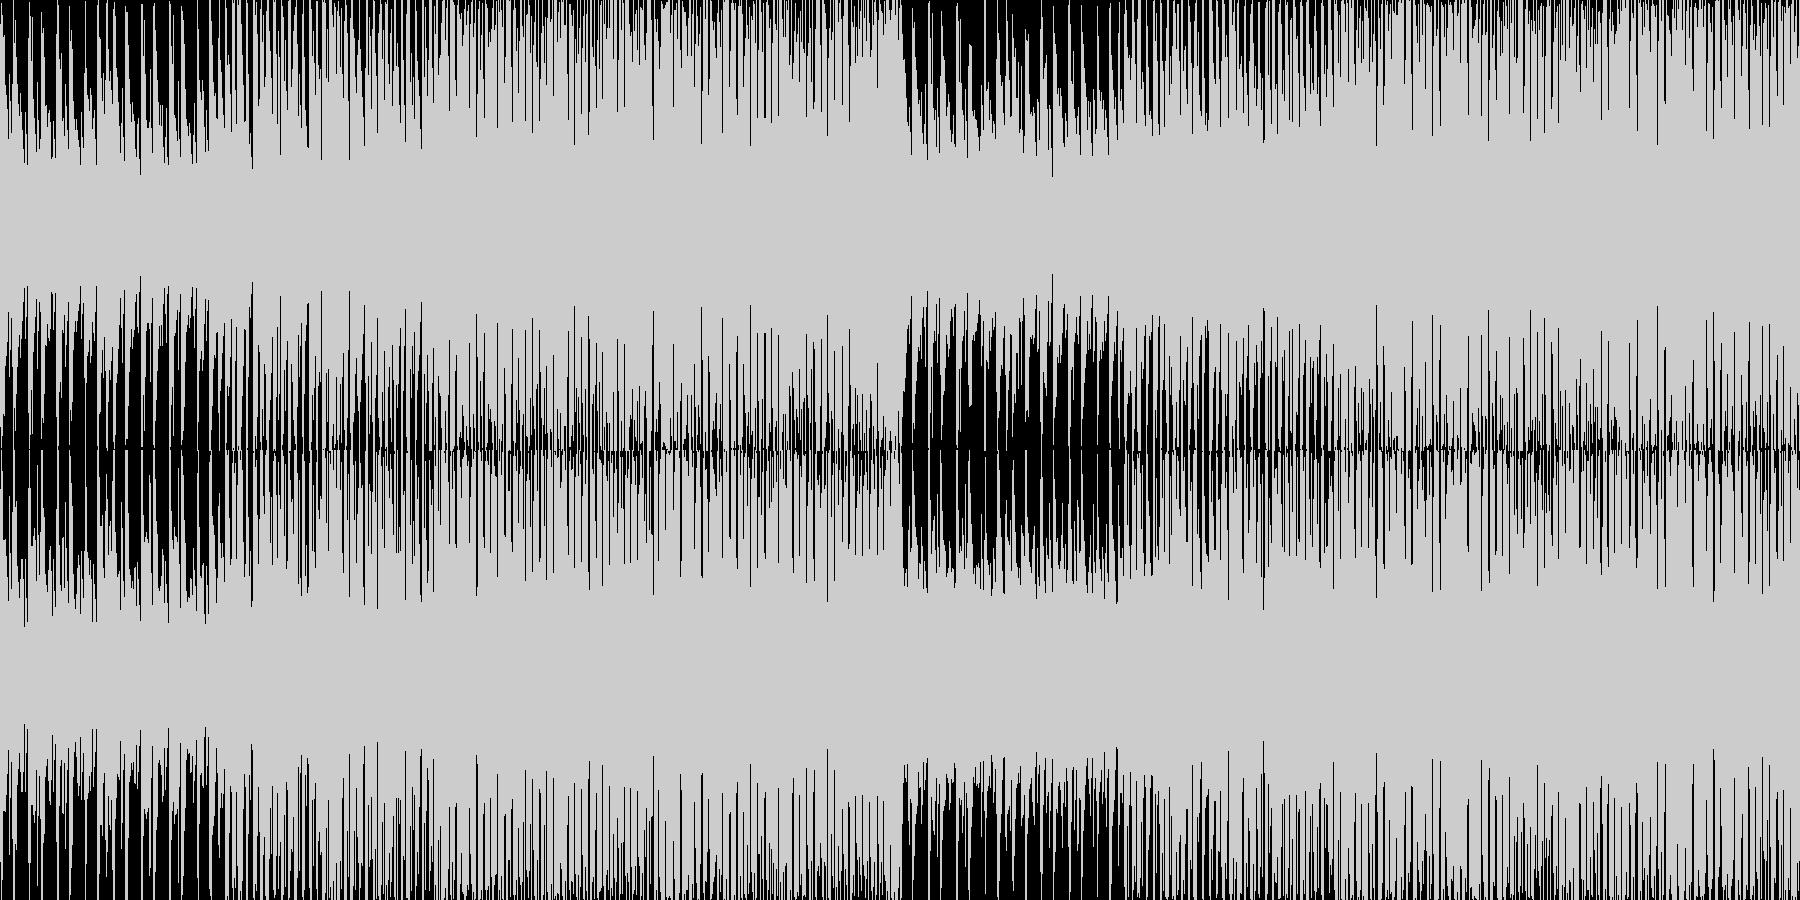 《軽快でおしゃれ》説明動画用BGMの未再生の波形